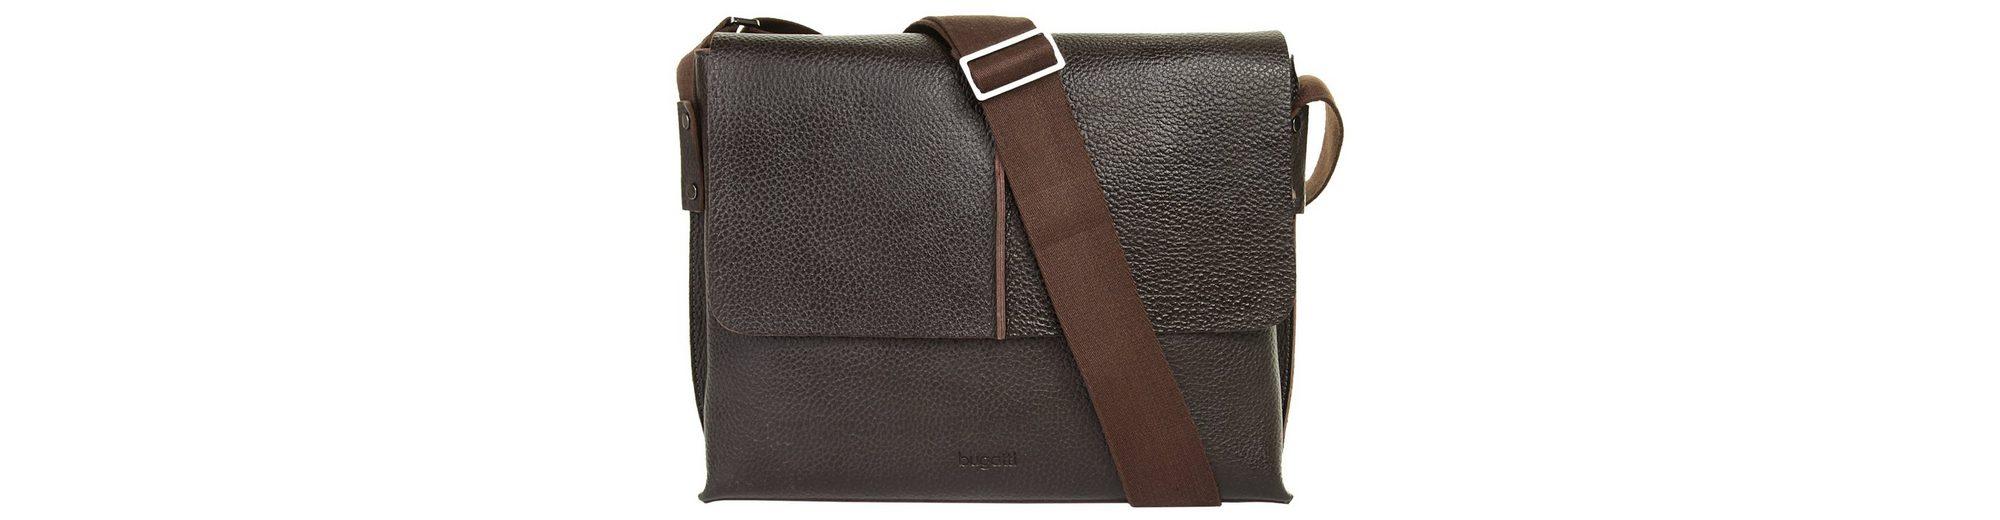 Bugatti Leder Messenger Tasche MILANO Einkaufen Auslass Erhalten Zu Kaufen Verkauf Websites Auslass Echt Rabatt Zahlung Mit Visa k7wedDRv